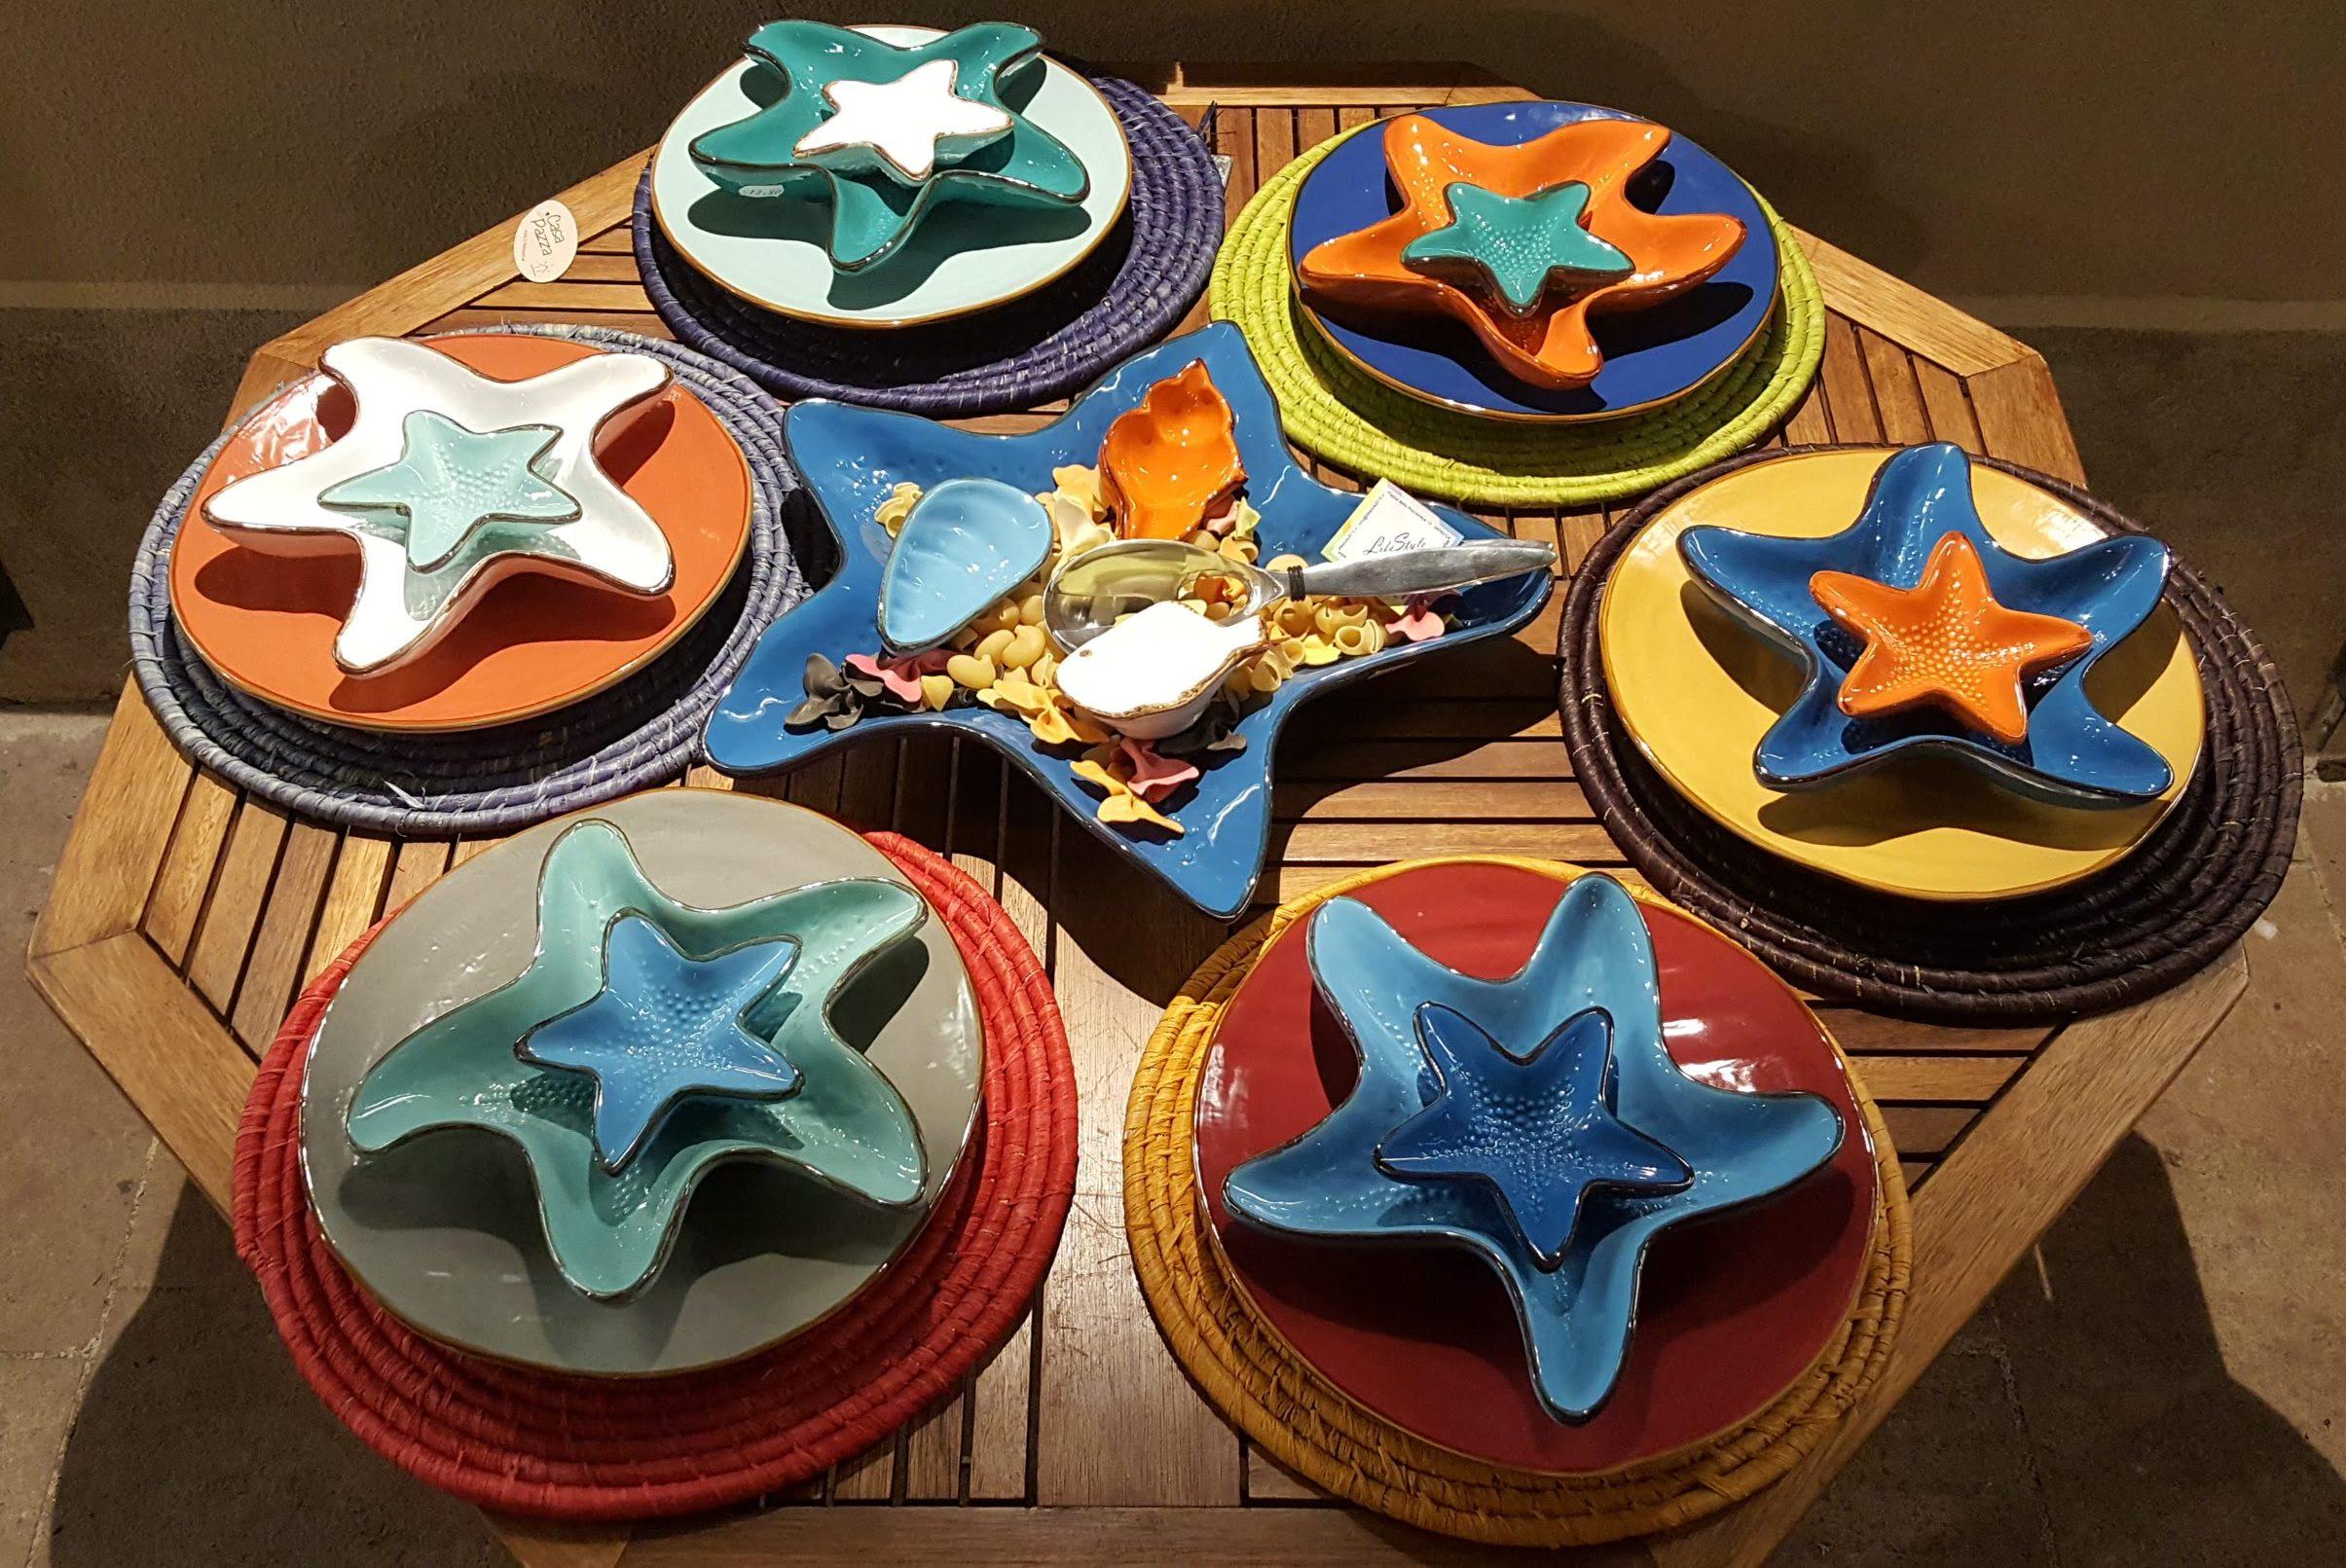 Piatti a forma di stella marina fatti e dipinti a mano in Italia, Toscana. Comprali al negozio LifeStyle di Castiglione della Pescaia (GR)